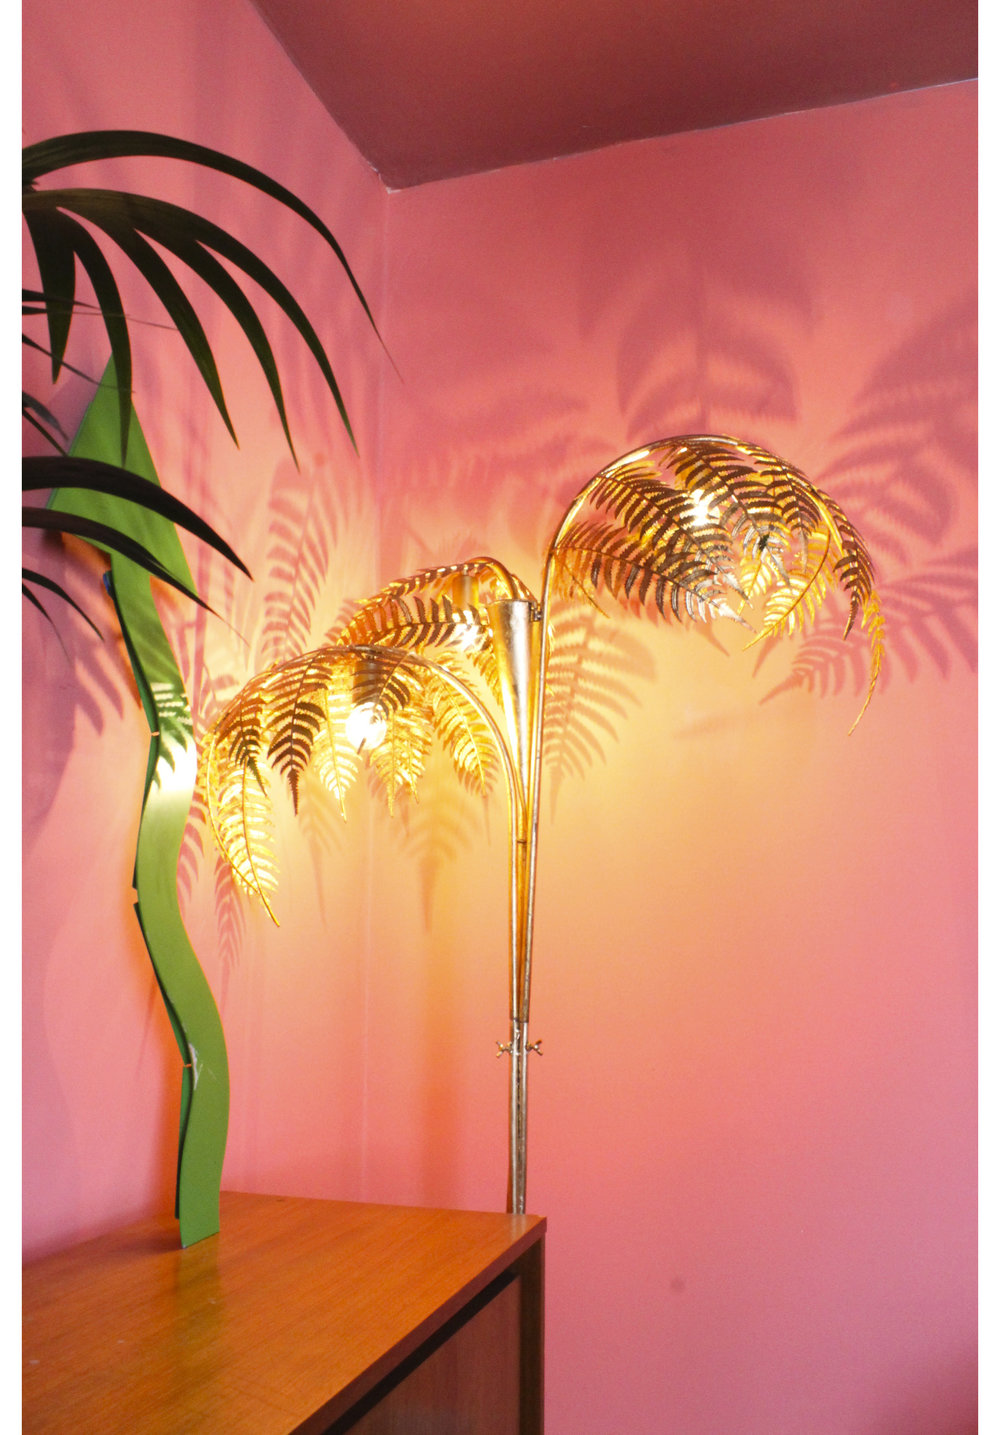 MLH Living Room Palm Lamp.jpg